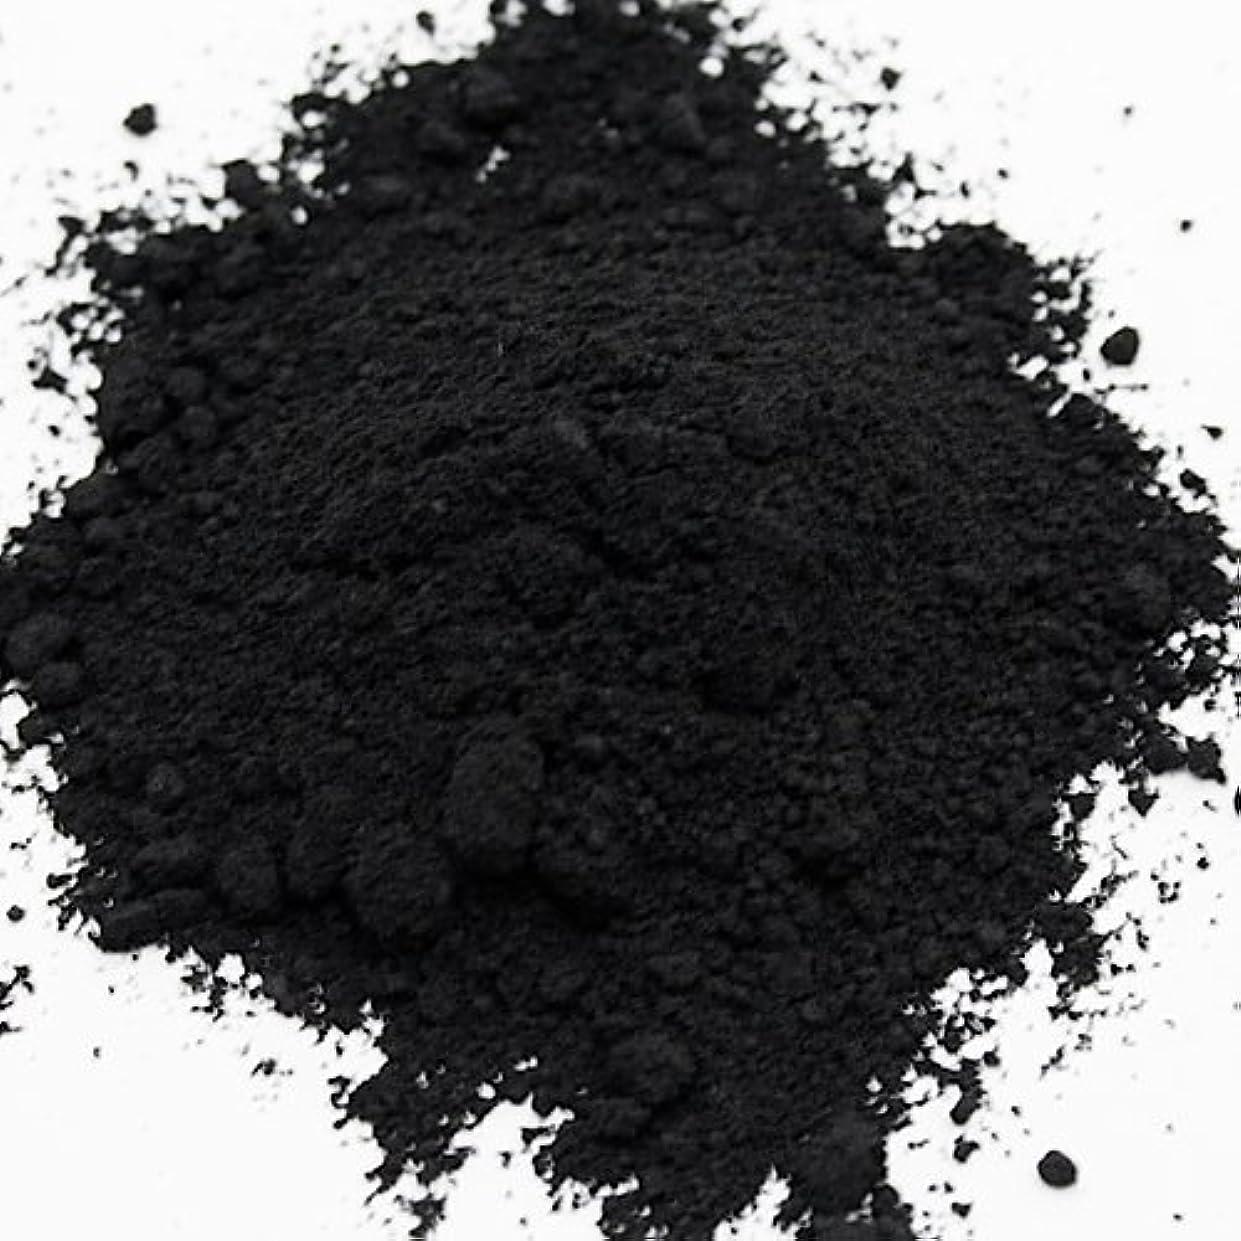 認知接触舌な酸化鉄 ブラック 5g 【手作り石鹸/手作りコスメ/色付け/カラーラント/黒】